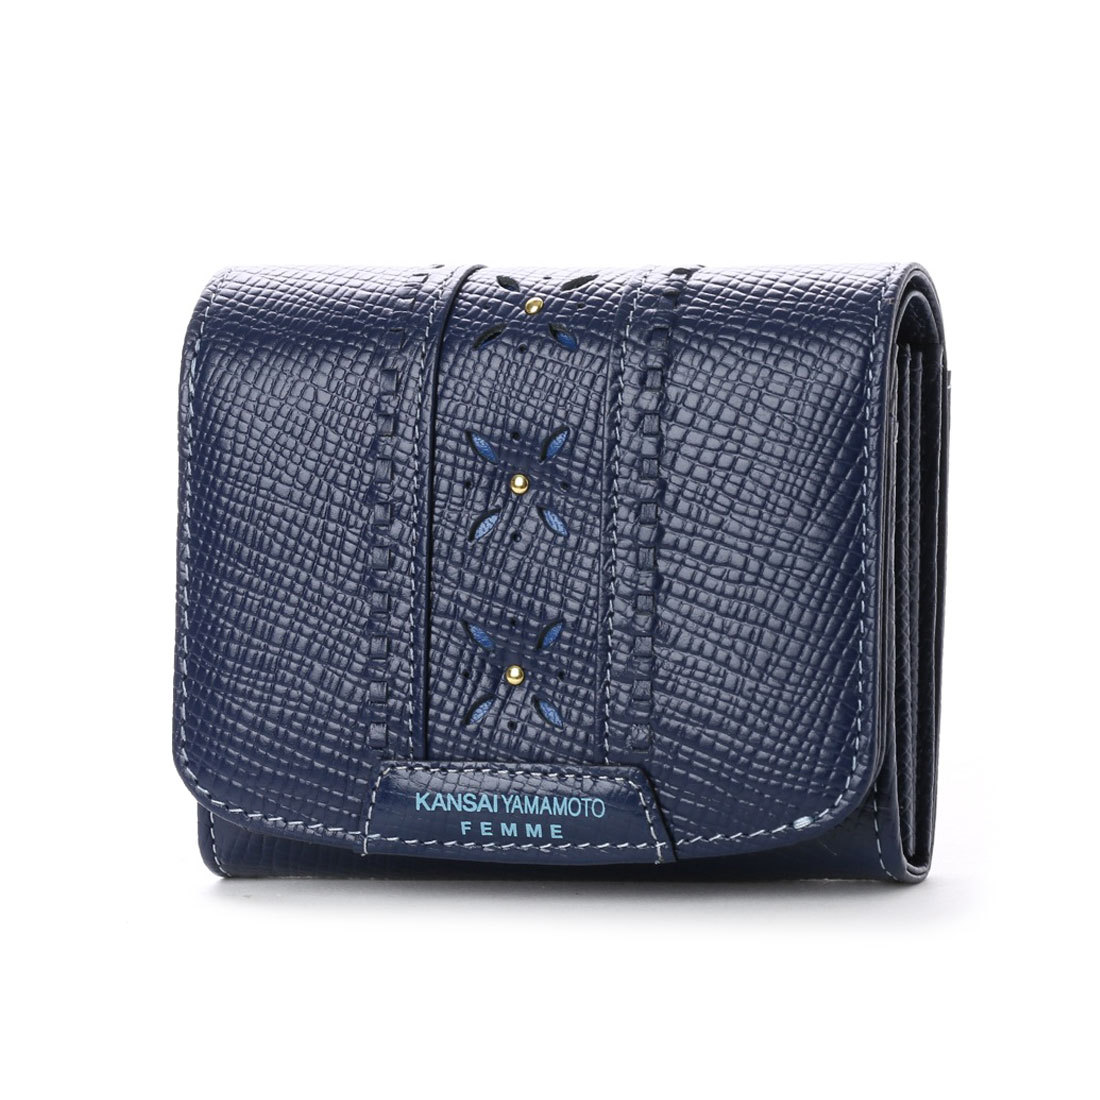 カンサイ ヤマモト ファム KANSAI YAMAMOTO FEMME コンパクト2つ折財布